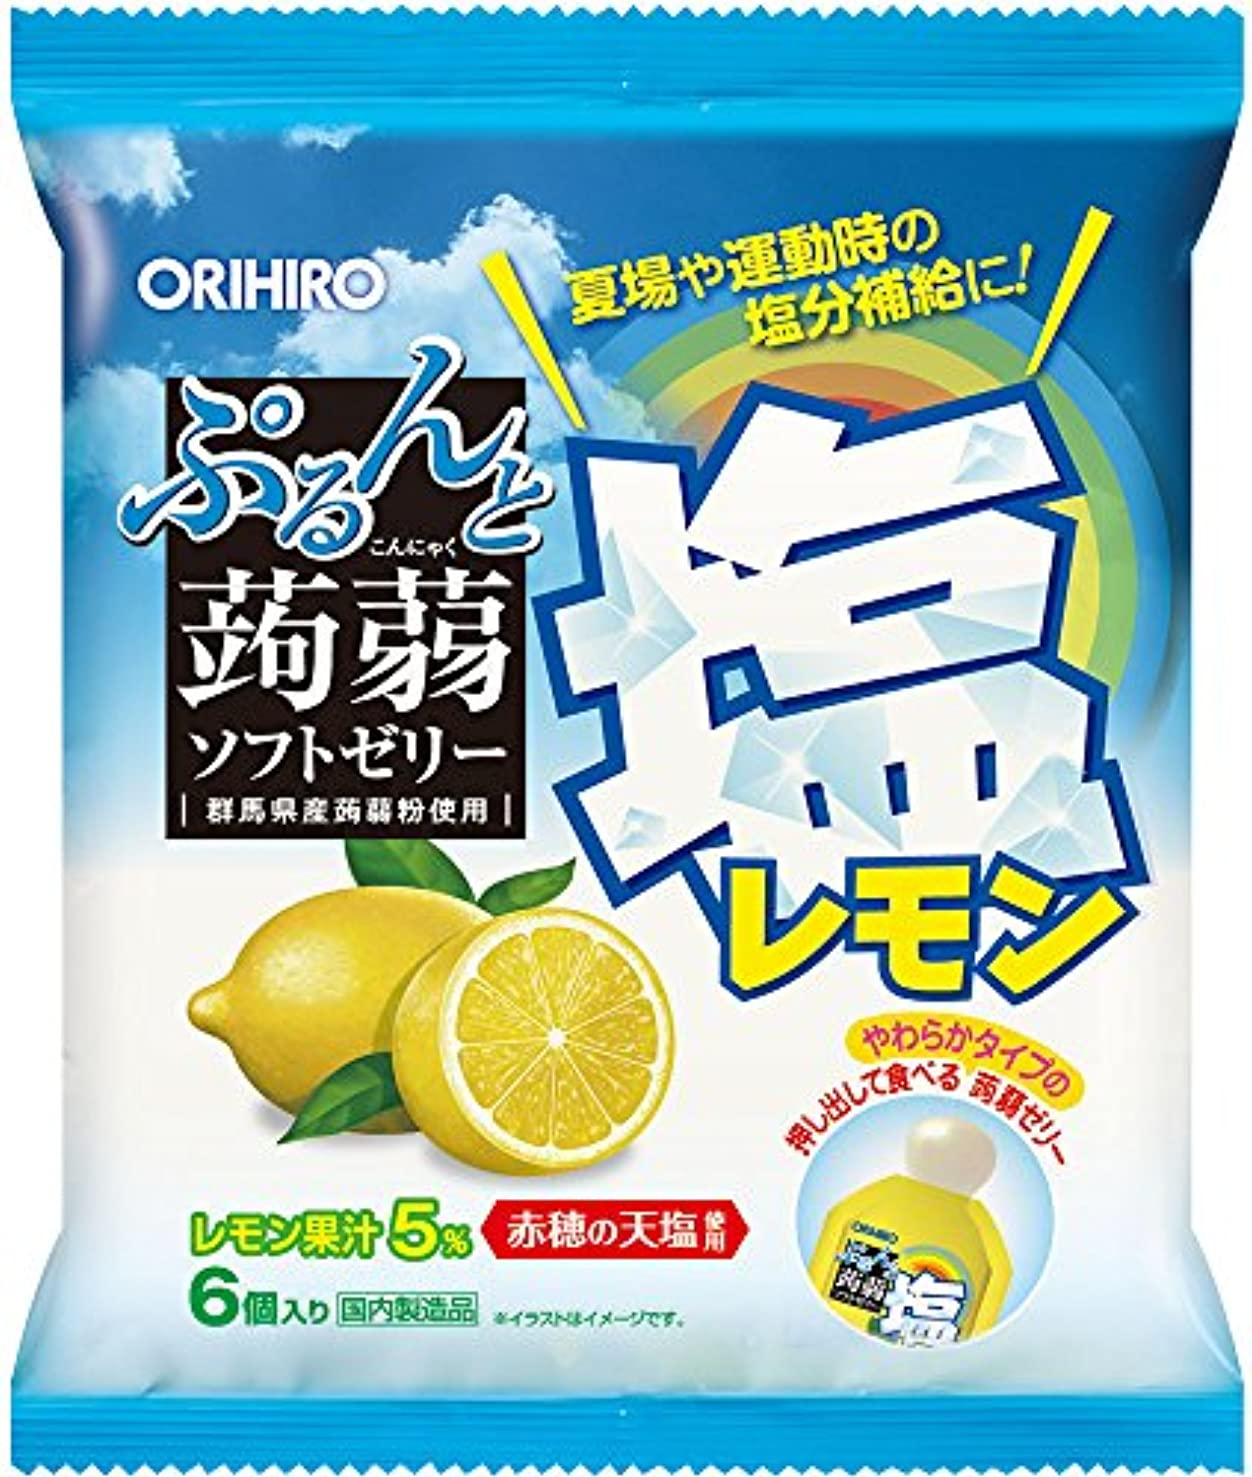 懲戒怪物制限するオリヒロ ぷるんと蒟蒻ゼリー パウチ 塩レモン 6個